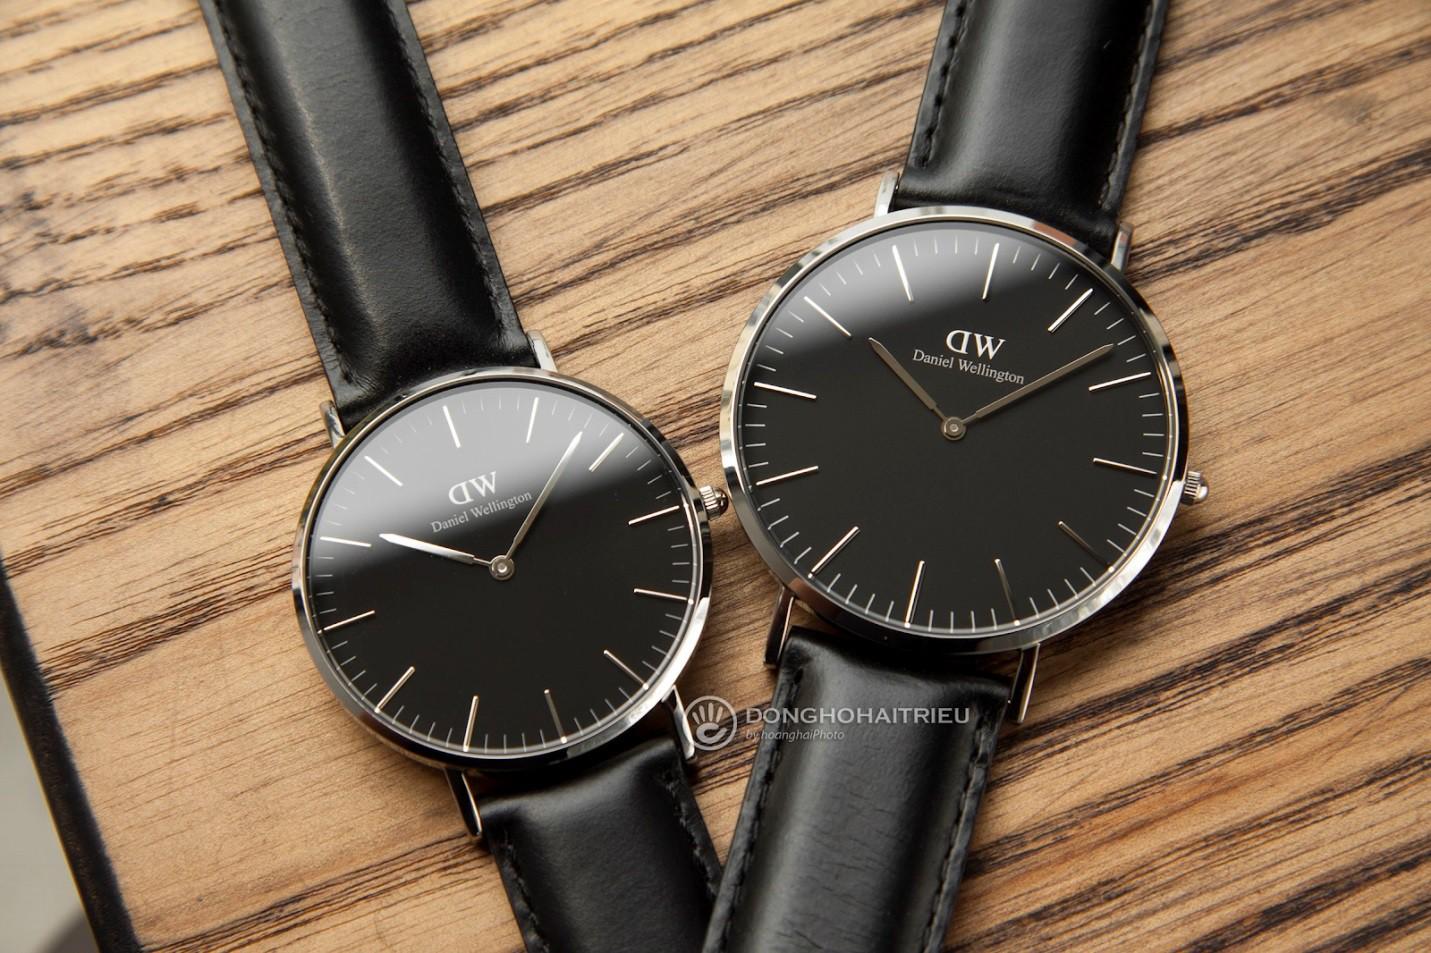 10 lựa chọn đồng hồ DW cặp giá rẻ ngày Valentine - Ảnh 7.